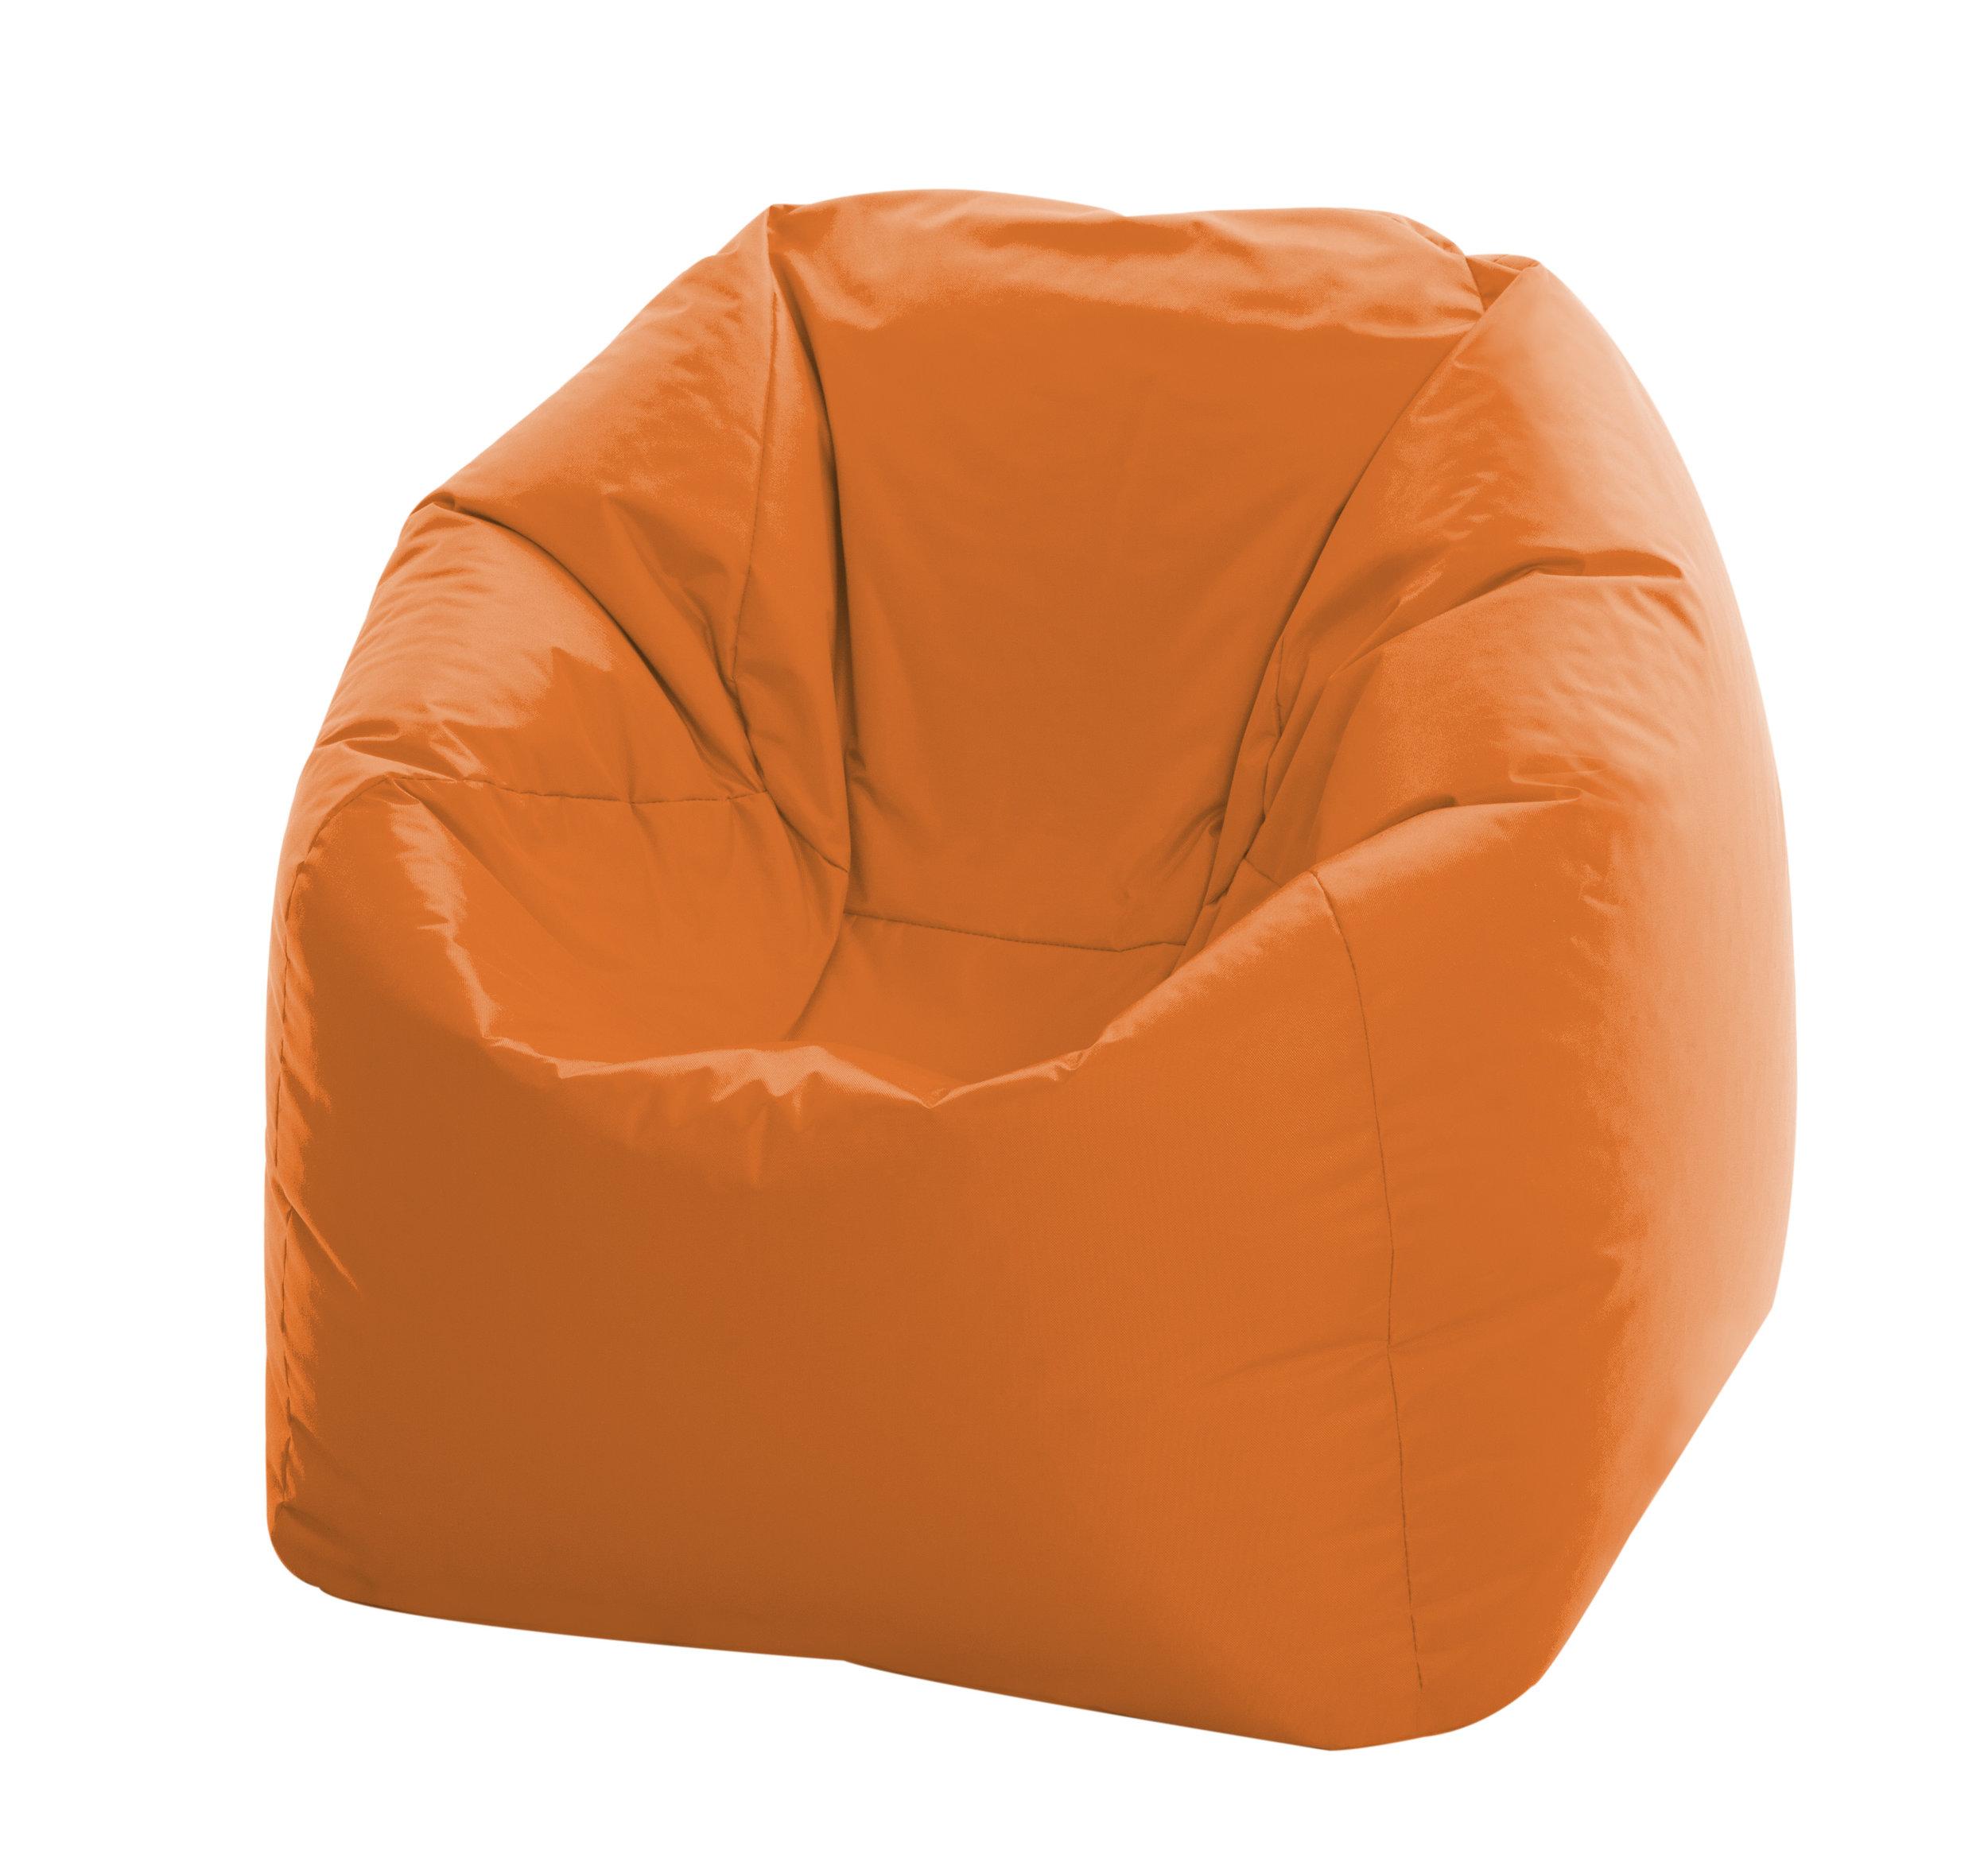 Eden-Student-Beanbag-Orange-2-300dpi.jpg